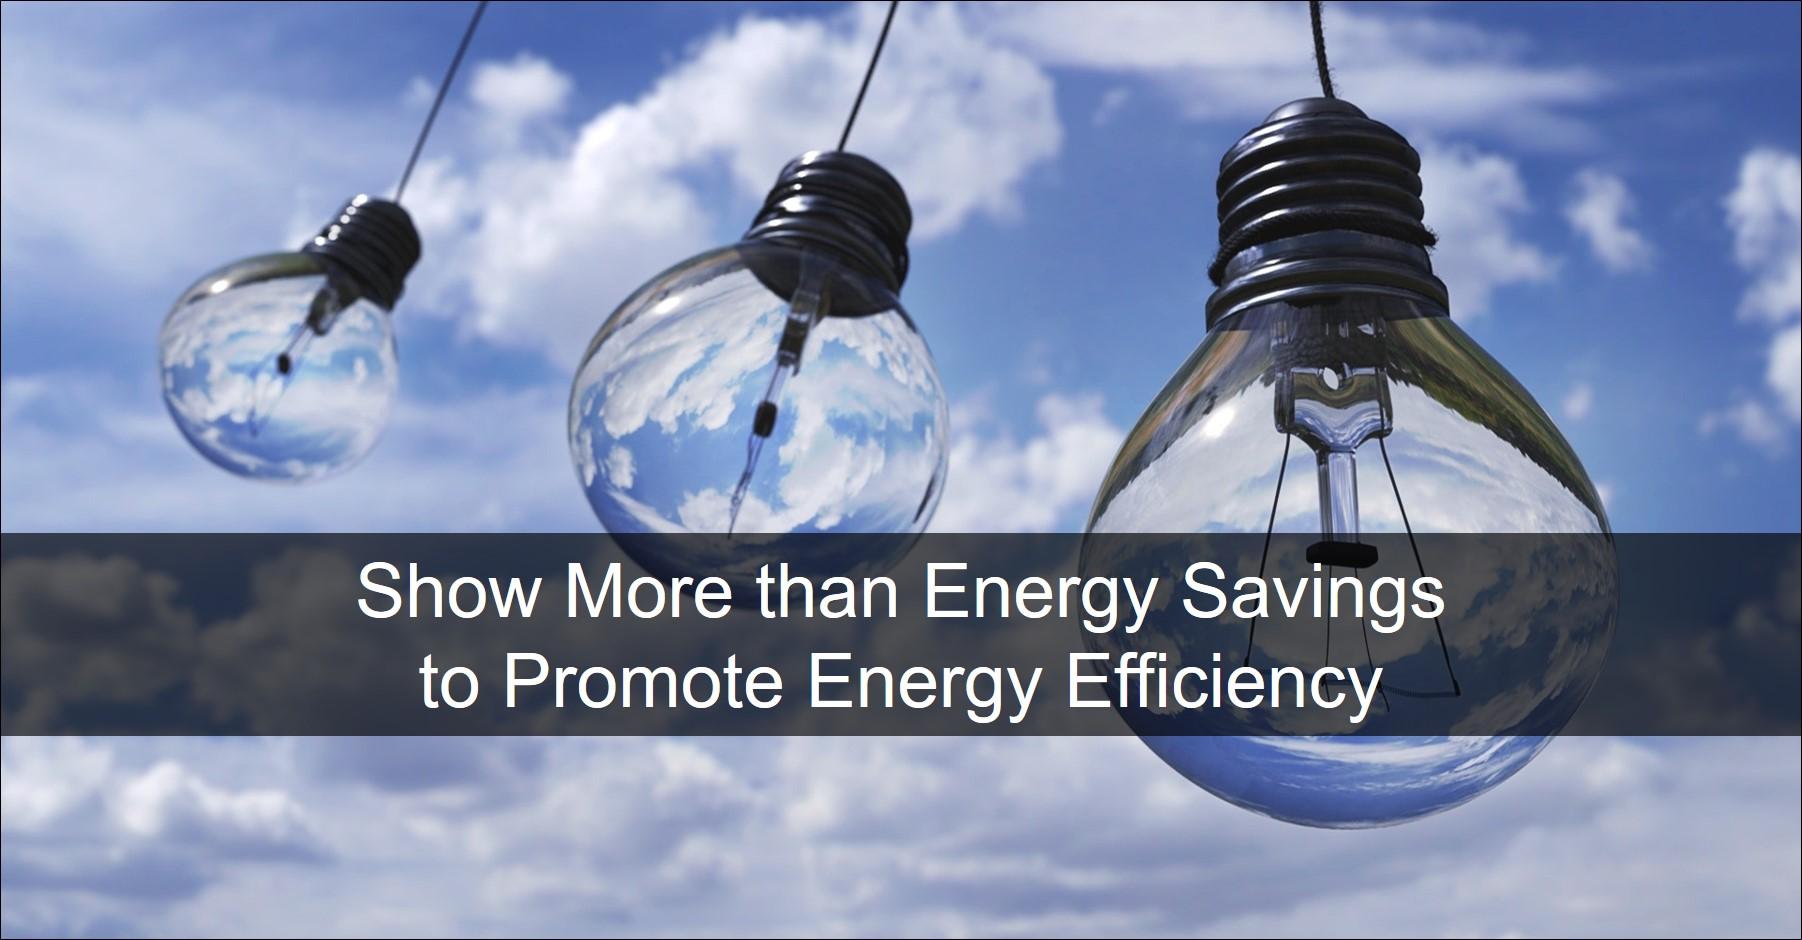 Blog 20190911 - Promote Energy Efficiency